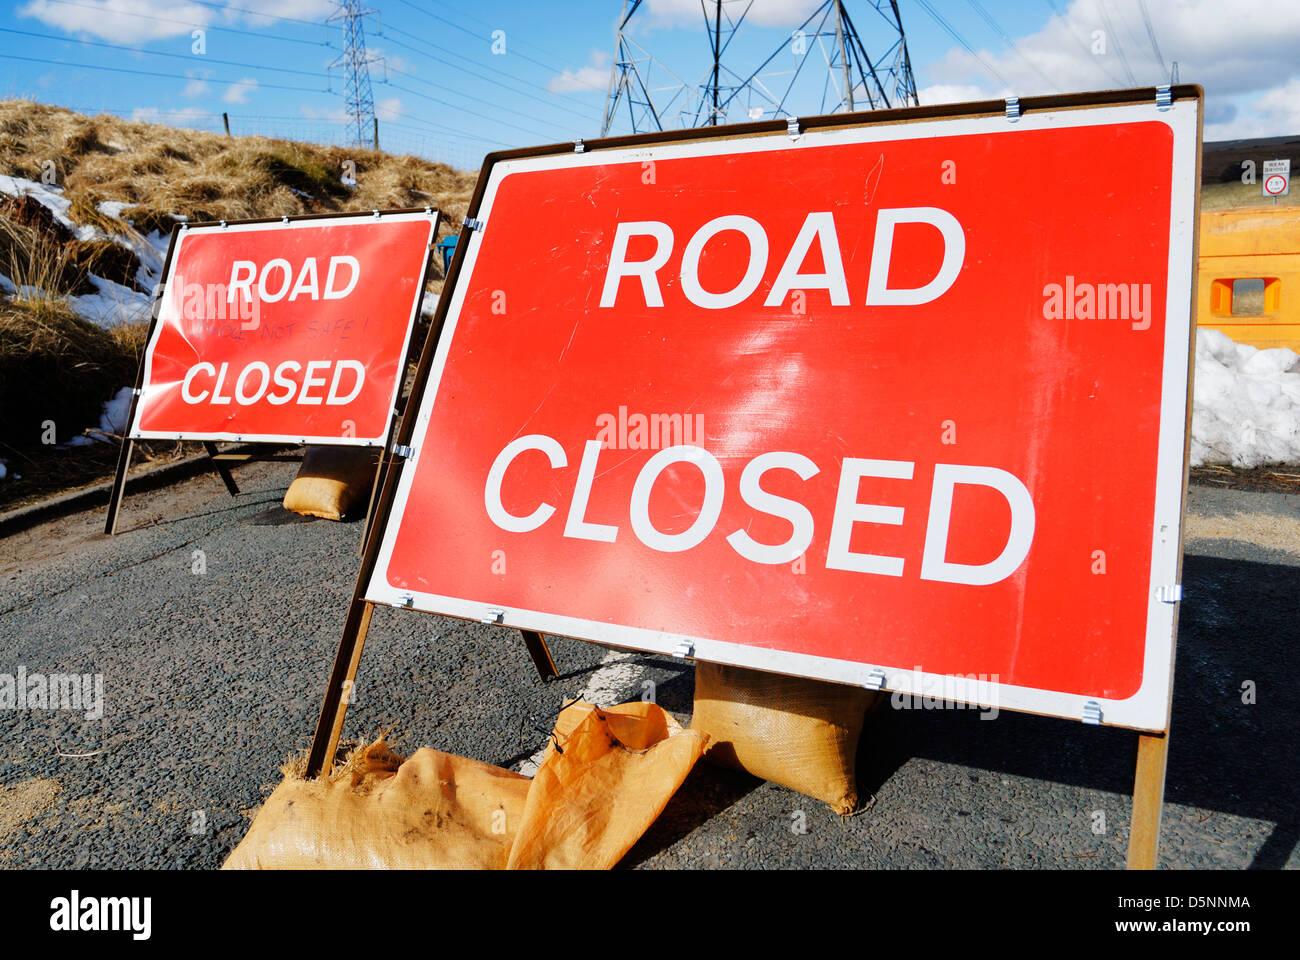 Road closed signs at a roadblock. - Stock Image